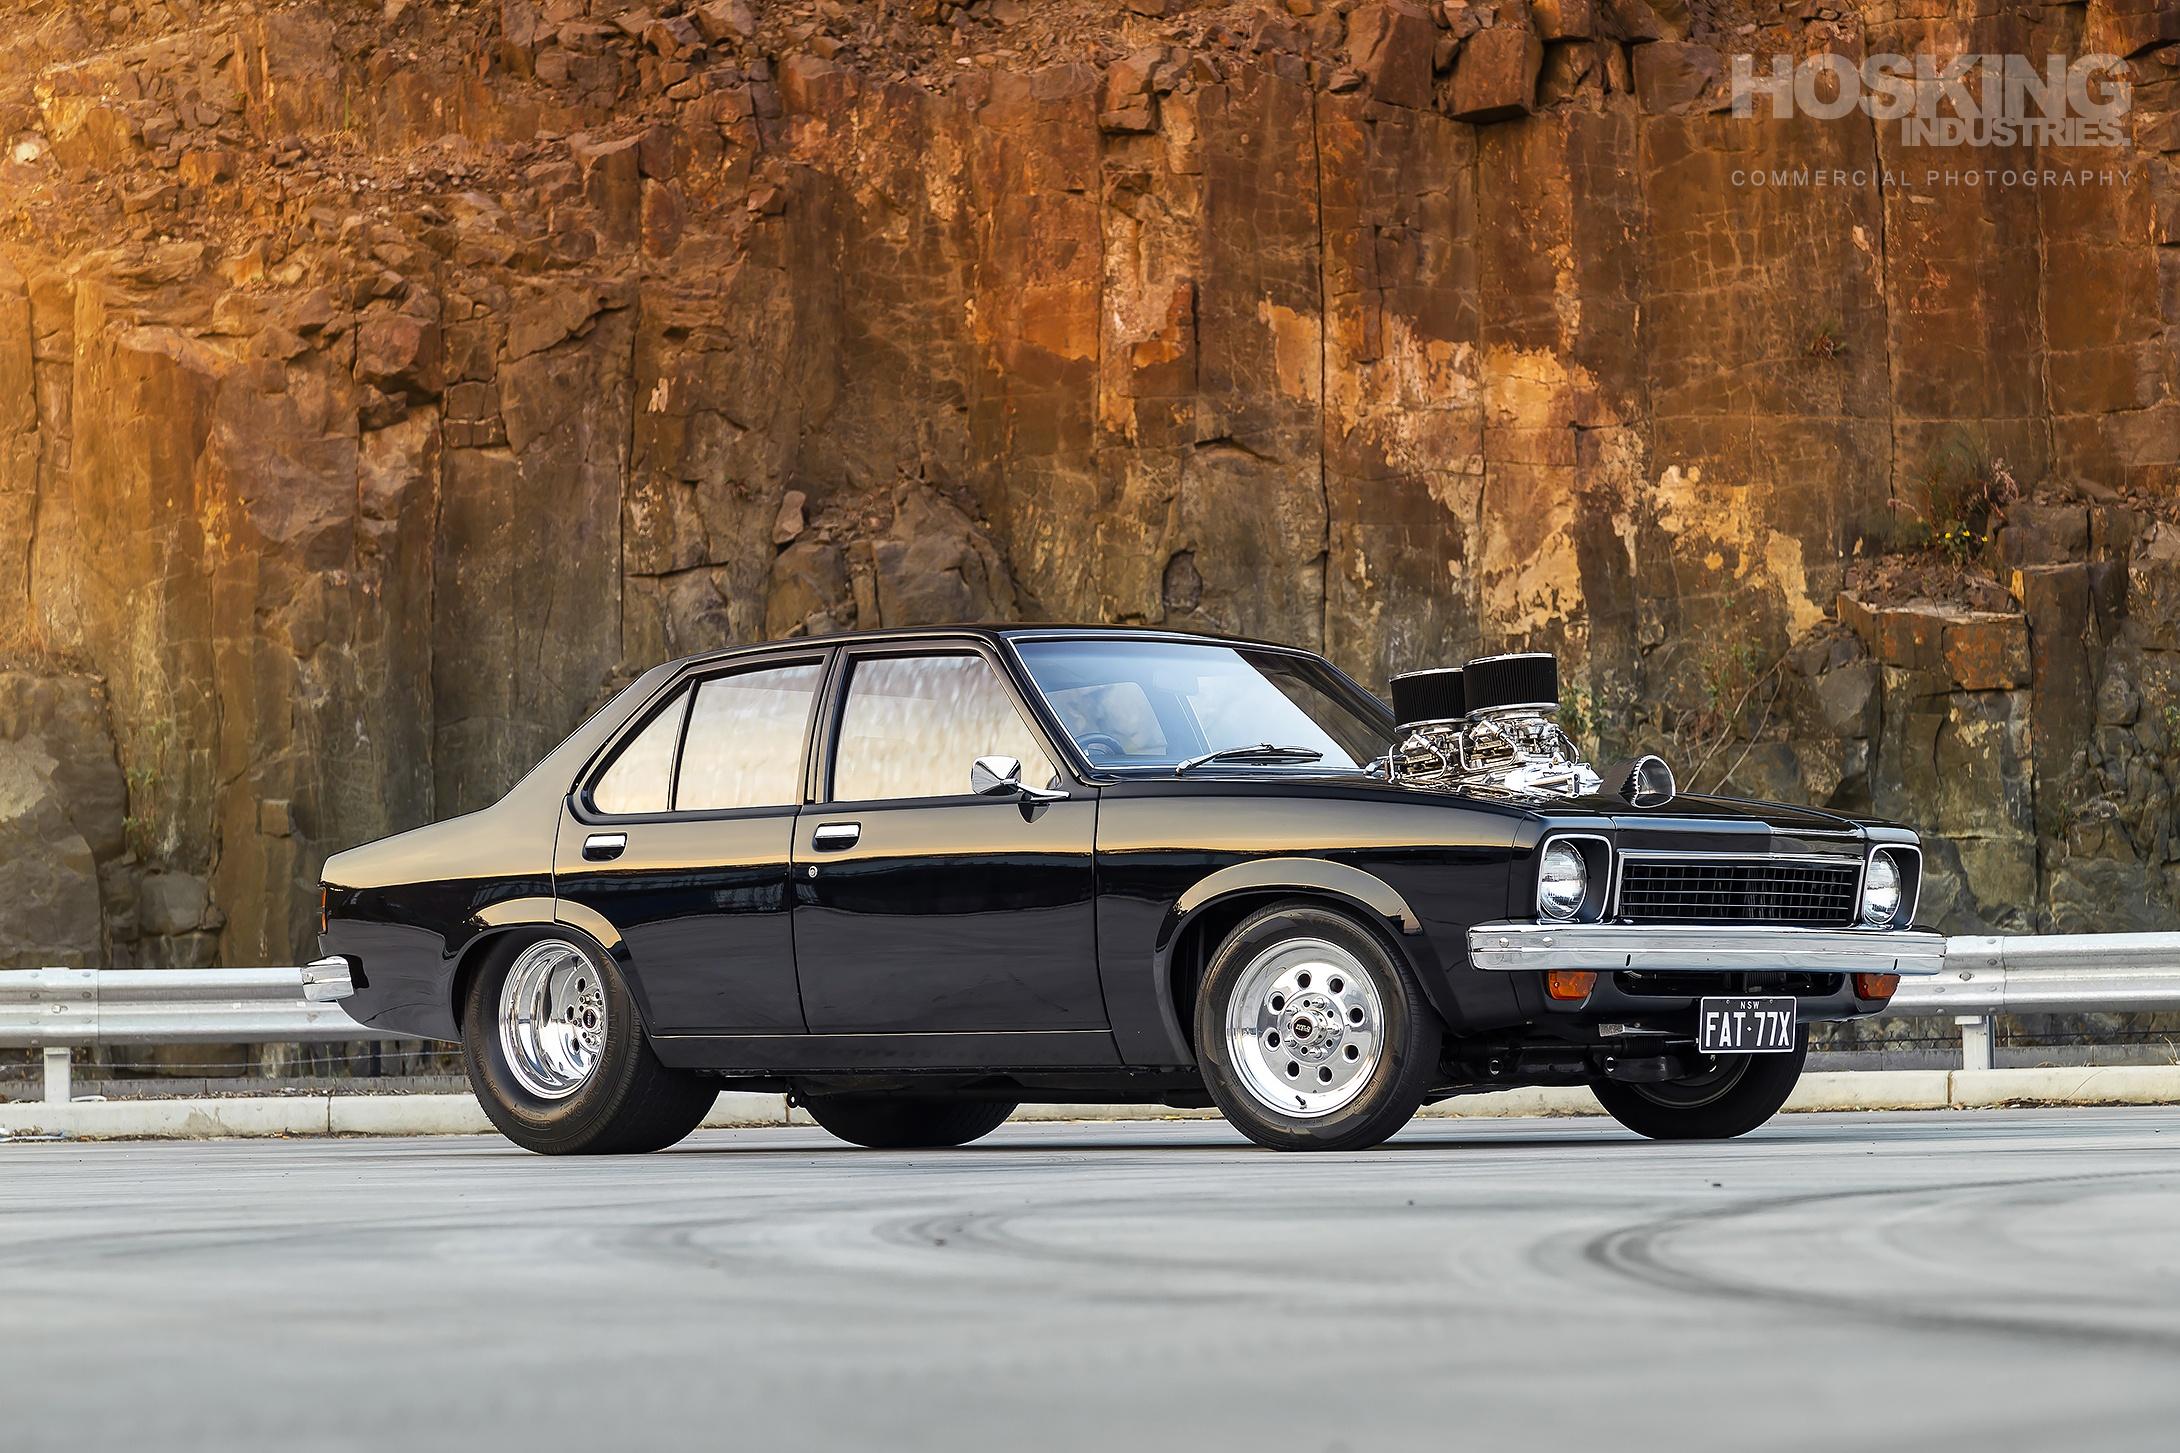 Alex Fenech's supercharged Holden LX Torana